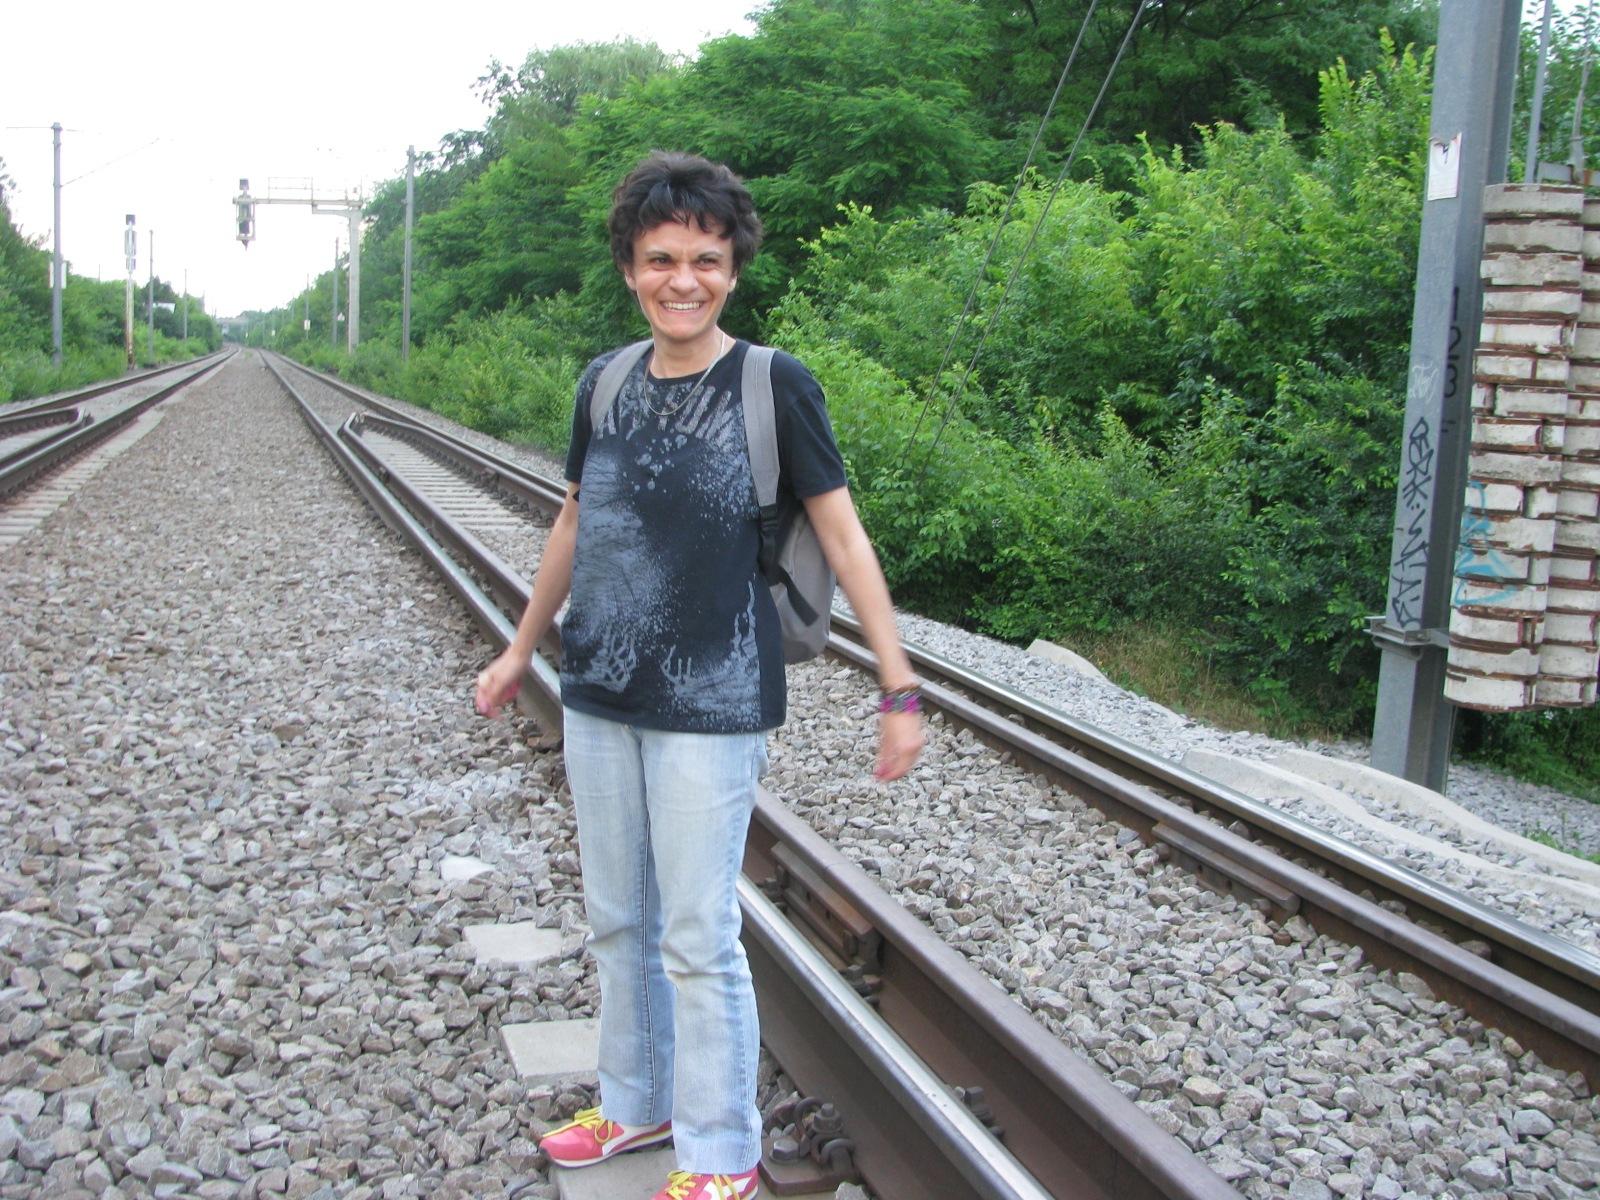 I hope to be fallowed by those who like railroad shots by Elena Maria